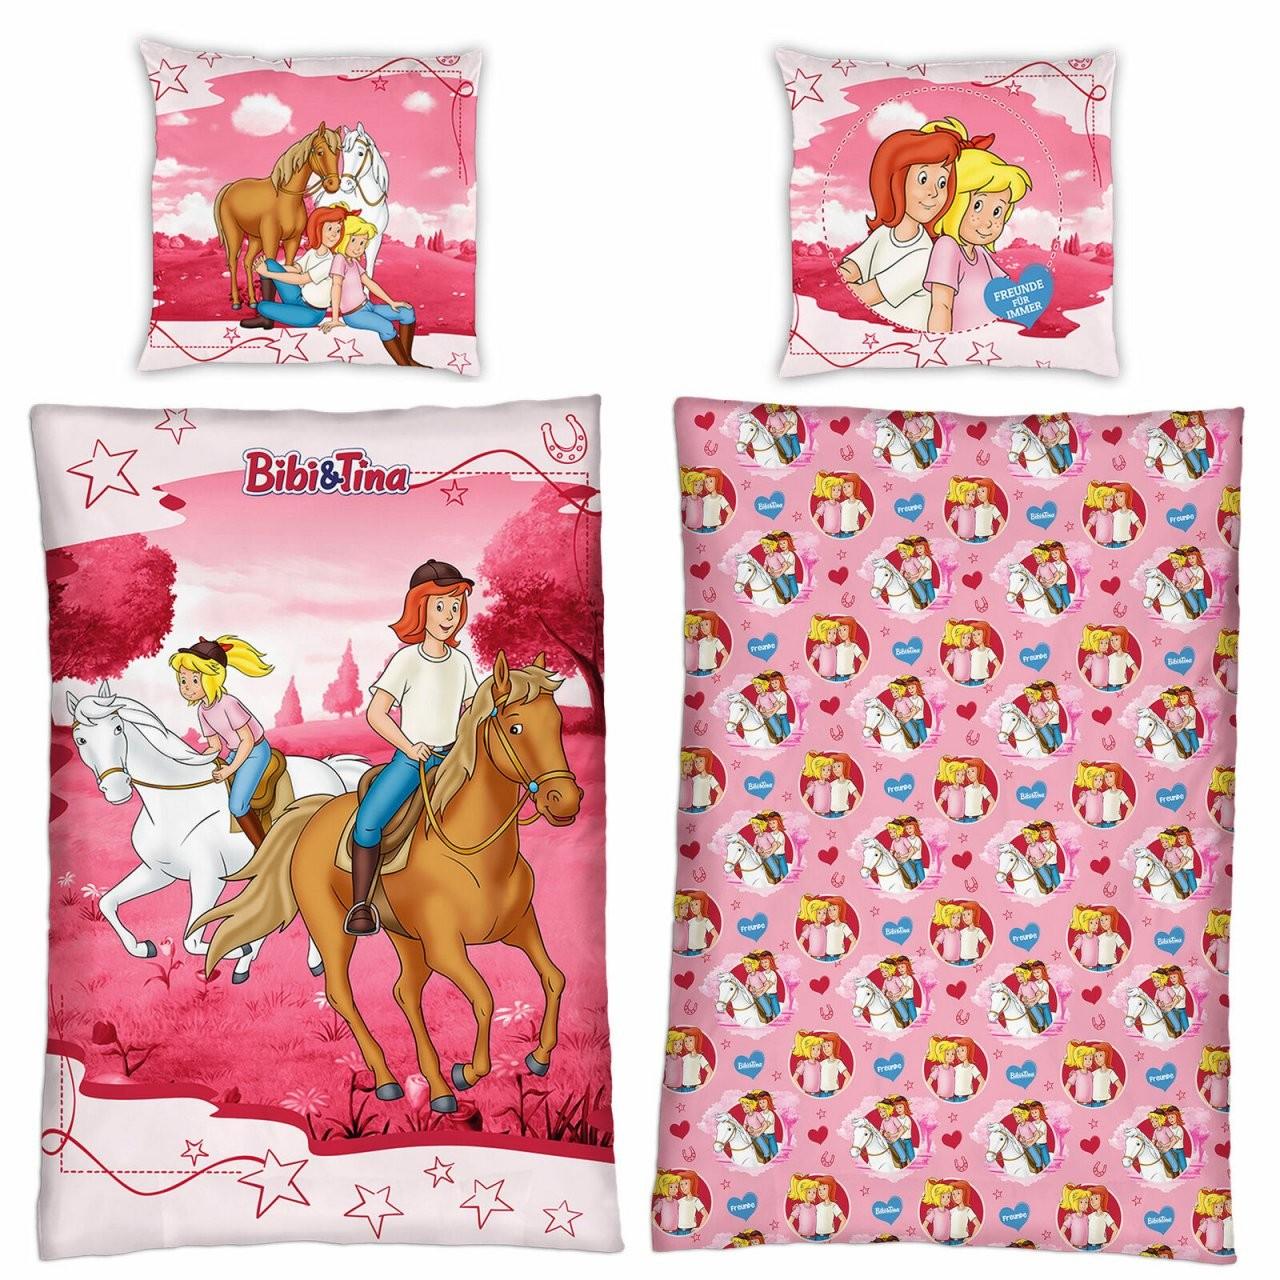 Linon Kinderbettwäsche Bibi Und Tina Reiter 135X200 80X80 Cm von Bettwäsche Bibi Und Tina Bild